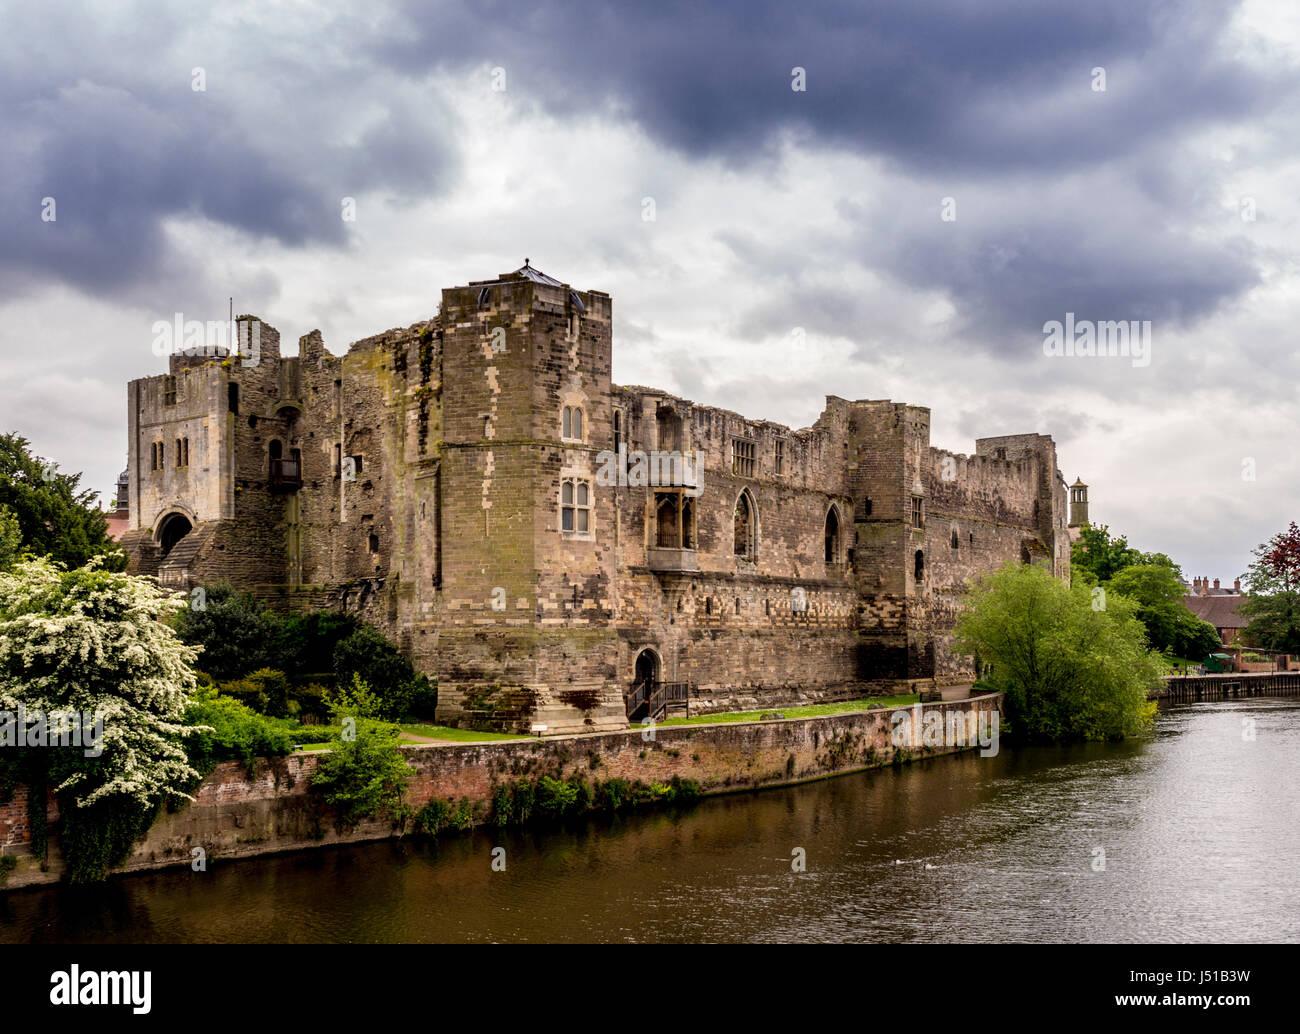 Newark Castle, Newark on Trent, UK. - Stock Image